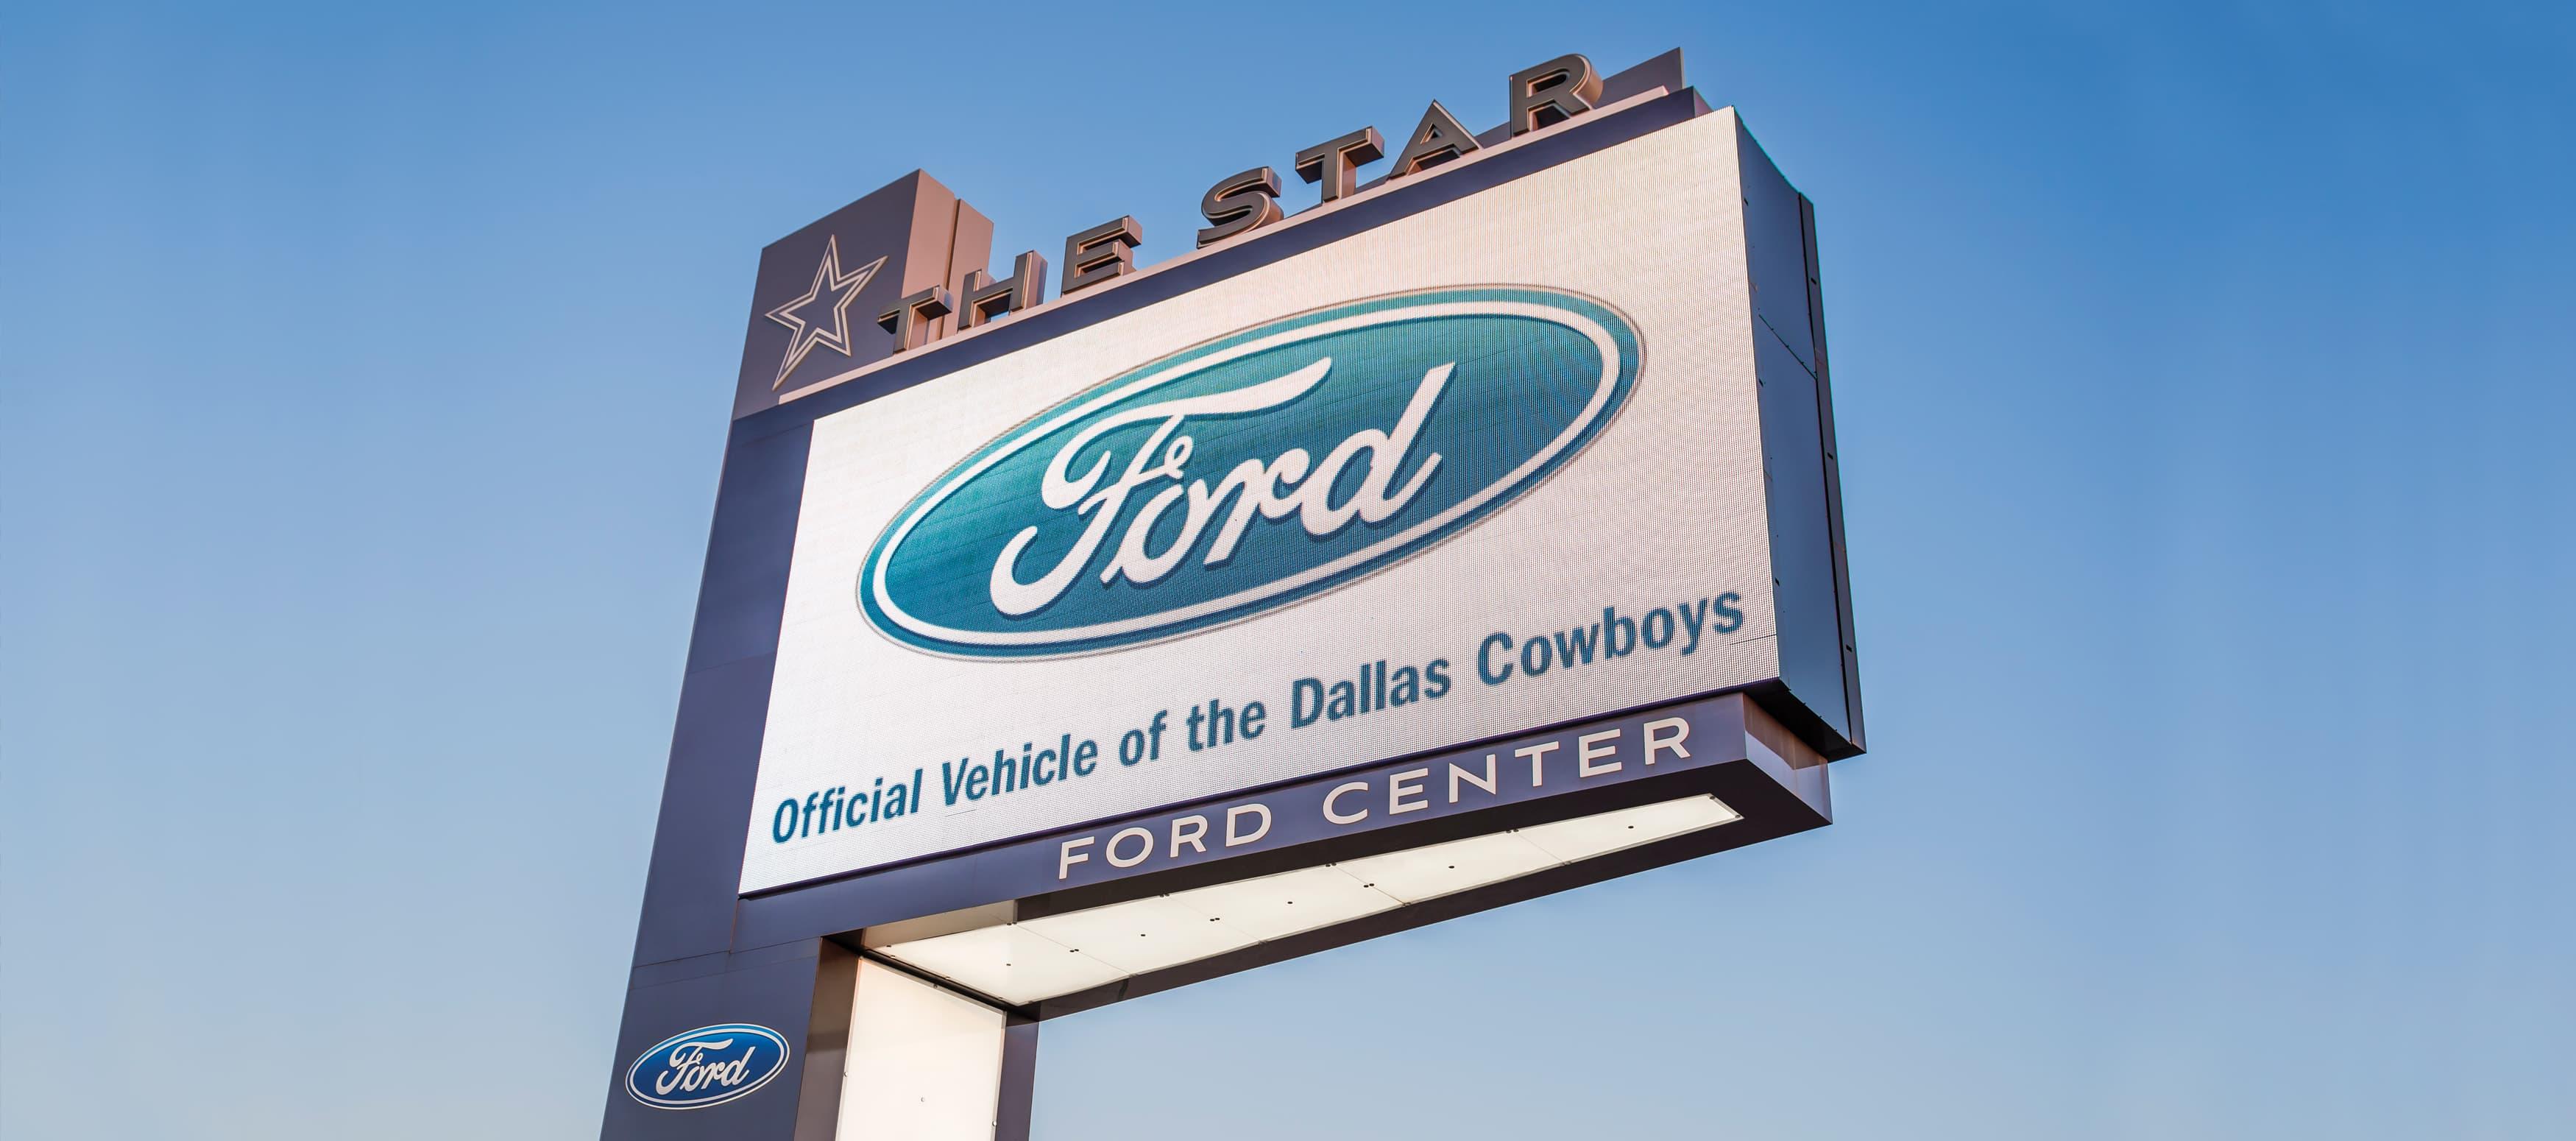 digital sign off of freeway for dallas cowboys football team